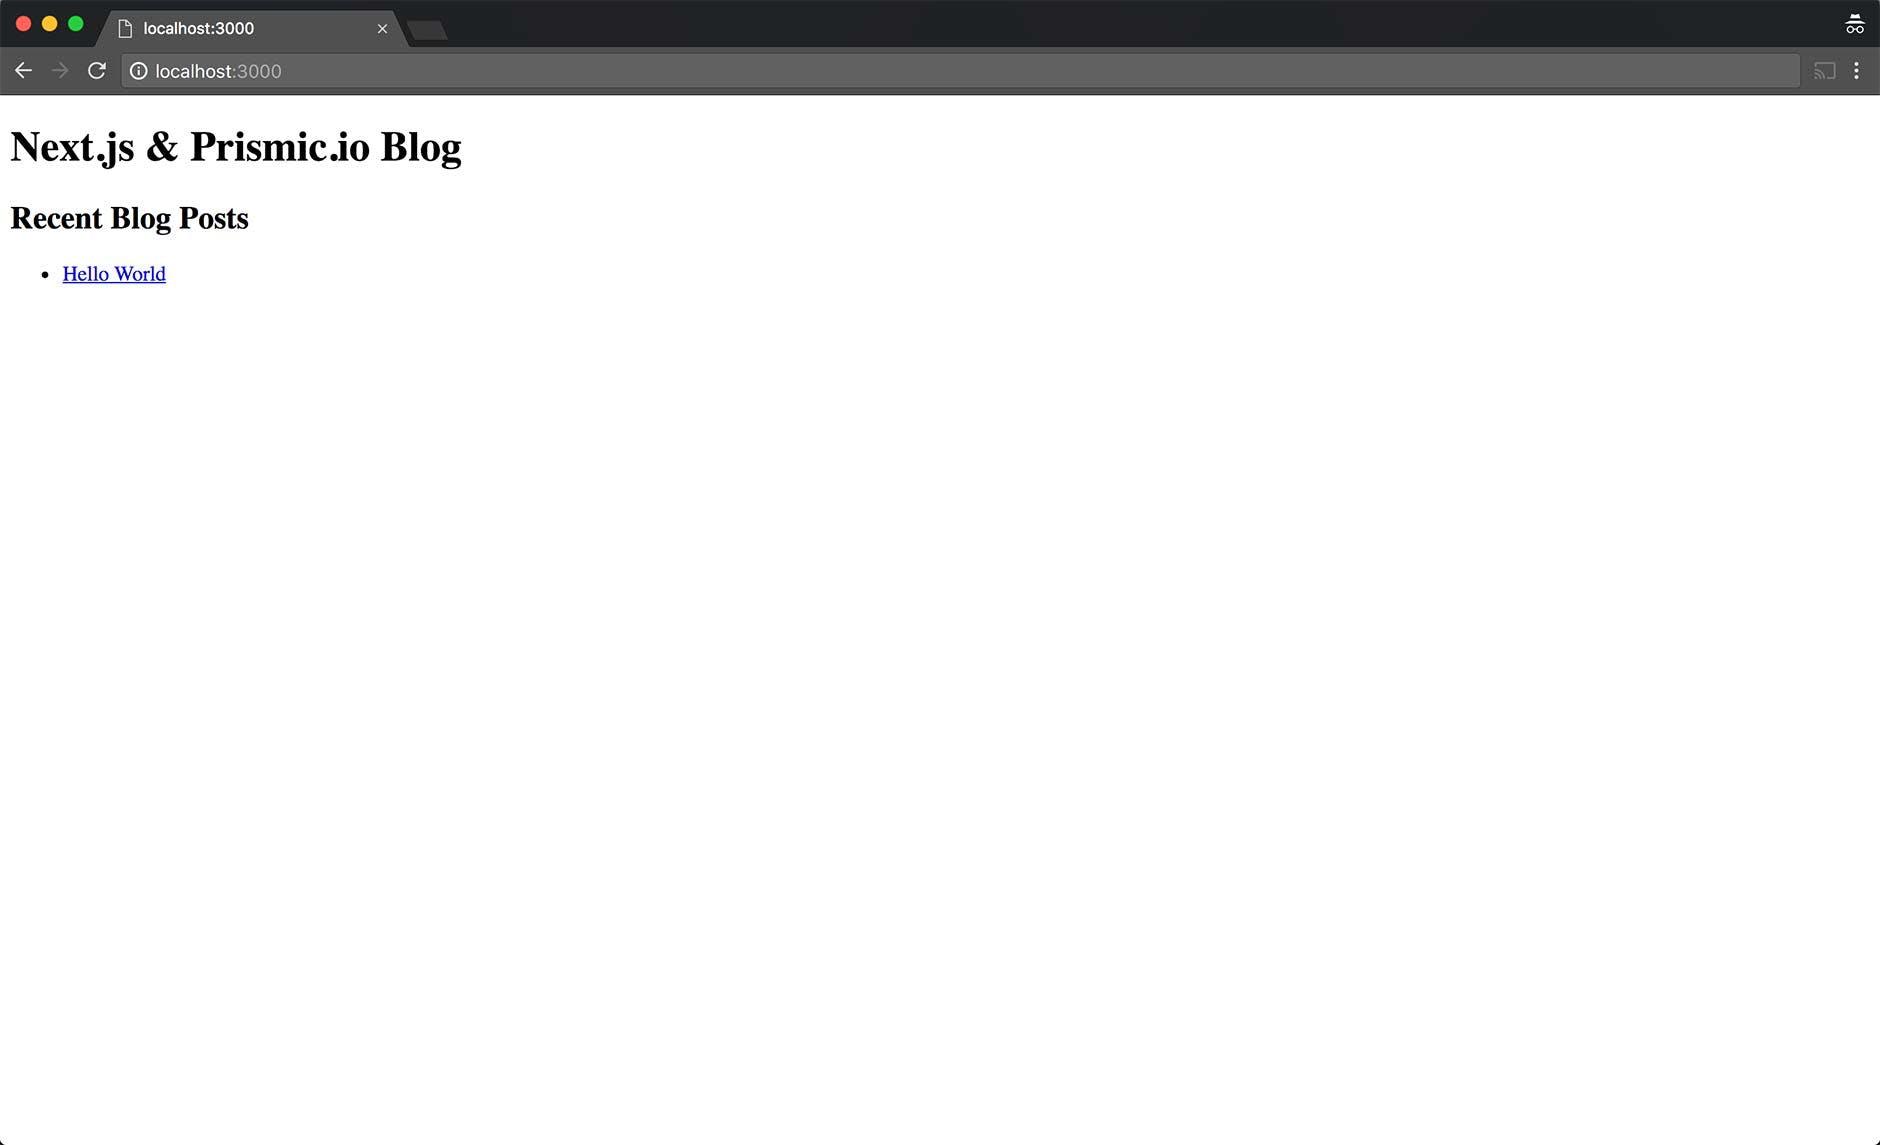 Server-side rendered blog with Next js and Prismic - Prismic